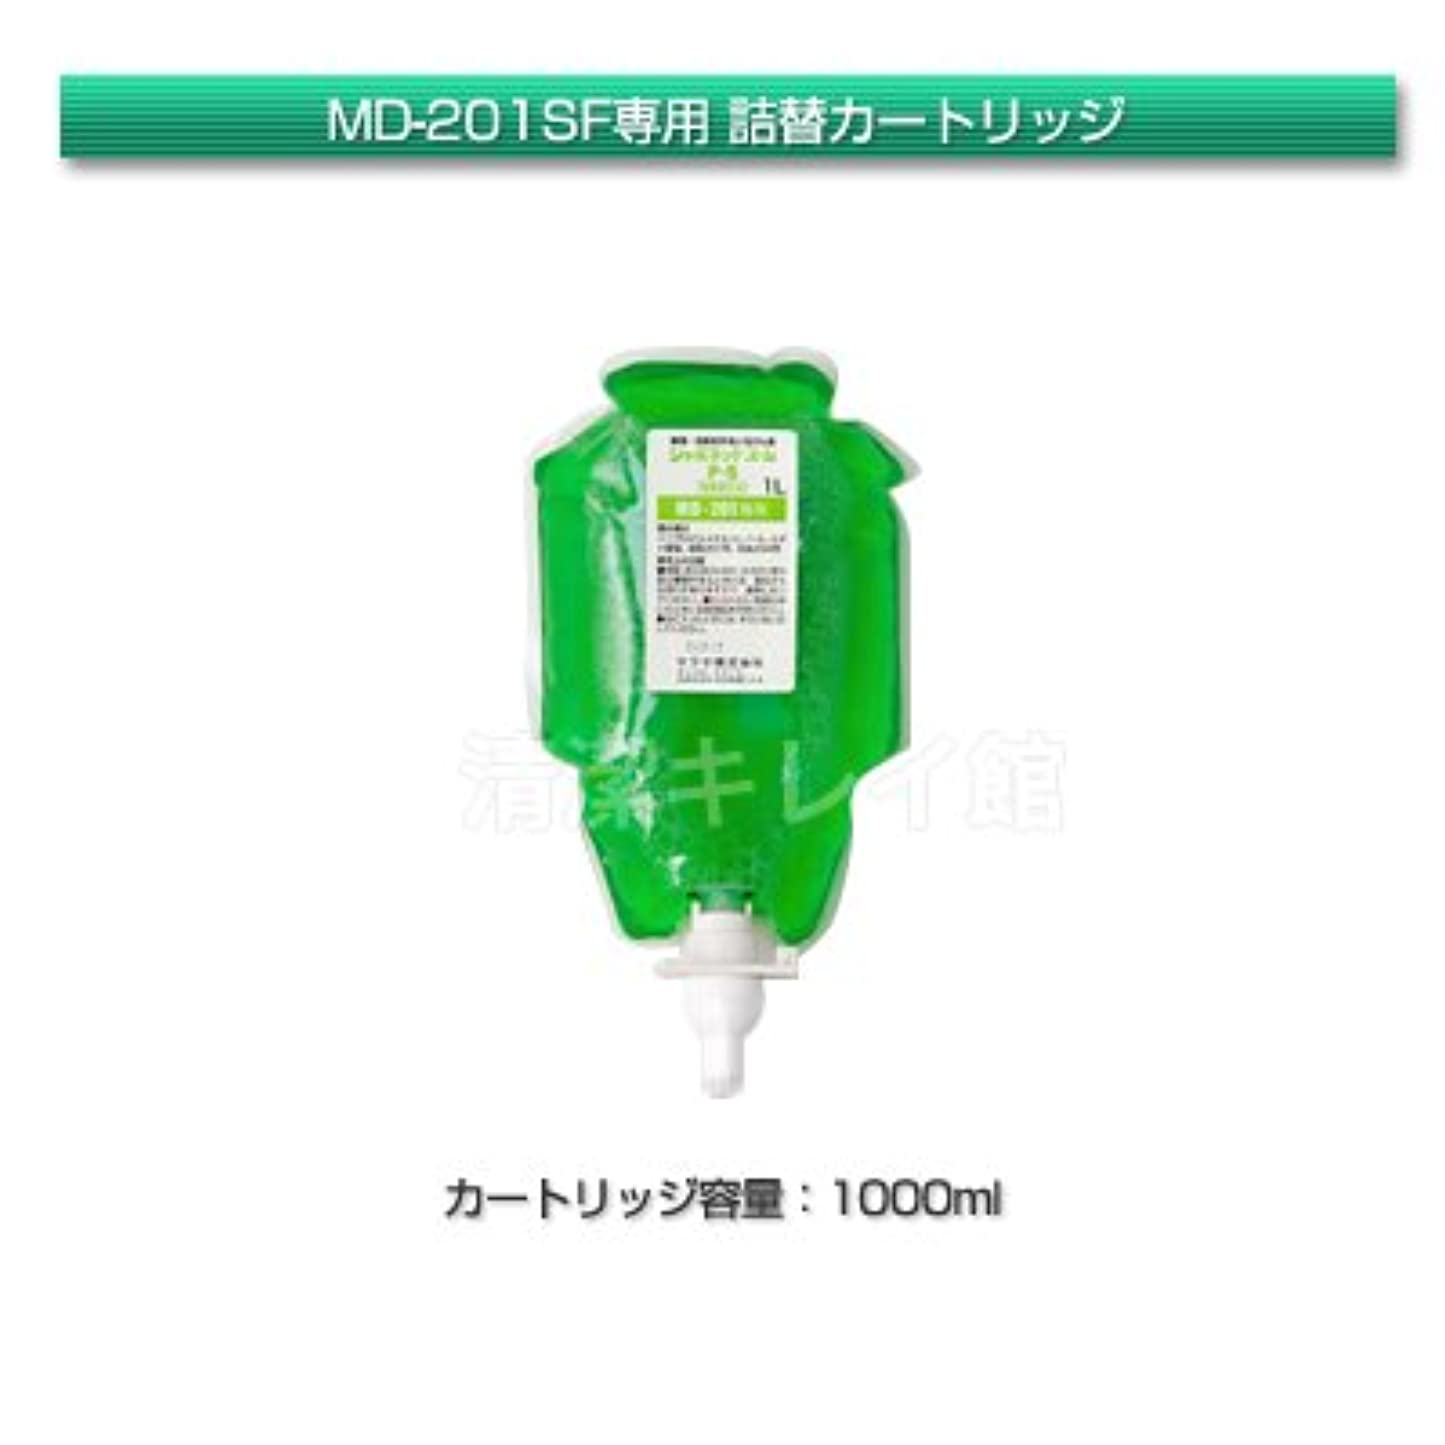 ピュー計算可能活性化サラヤ プッシュ式石鹸液 MD-201SF(泡)専用カートリッジ(ユムP-5)1000ml【清潔キレイ館】